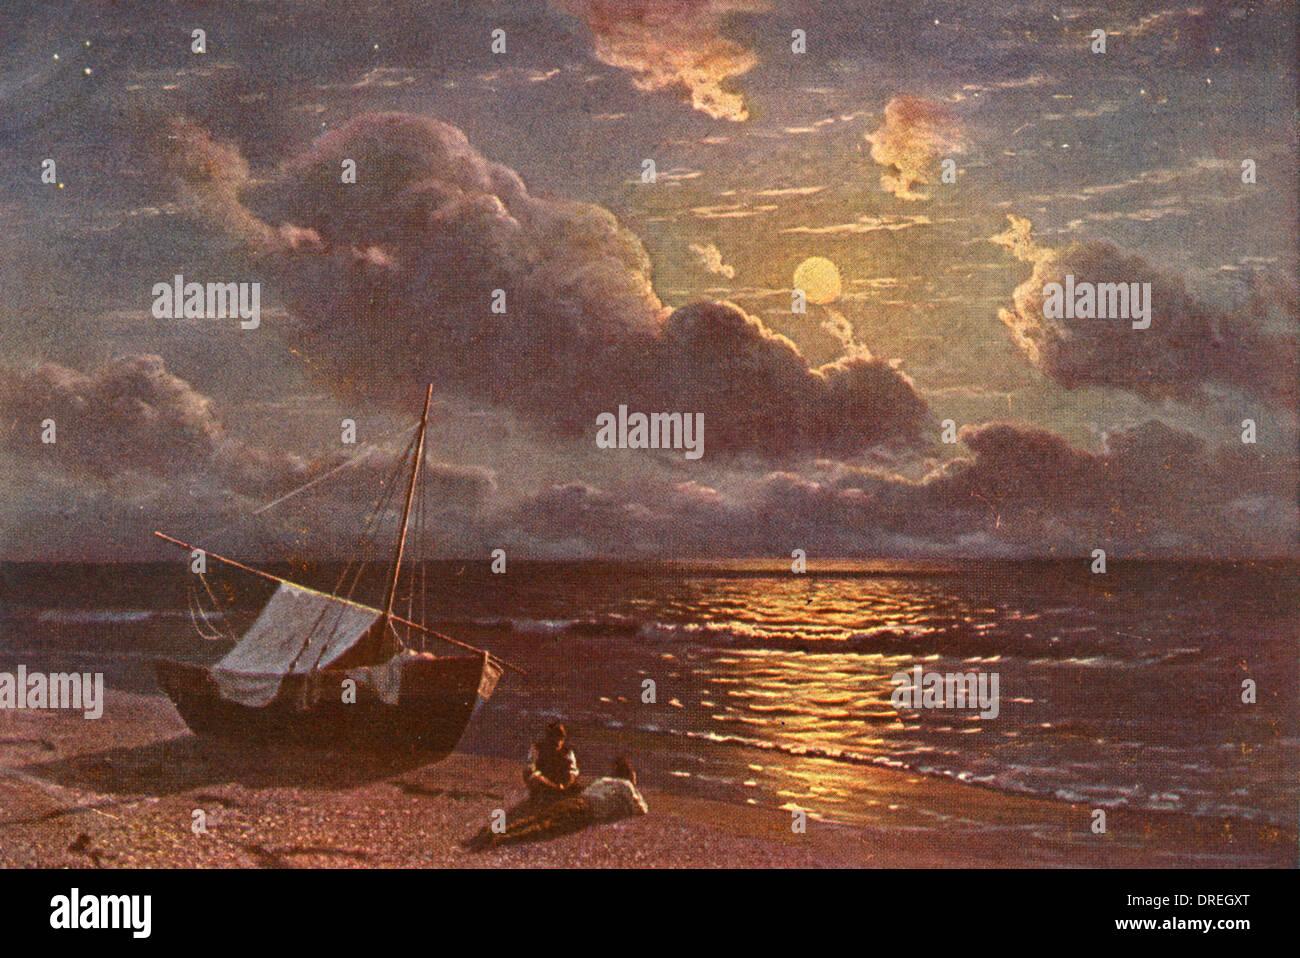 Moonrise over the Black Sea, Crimea, Russia - Stock Image